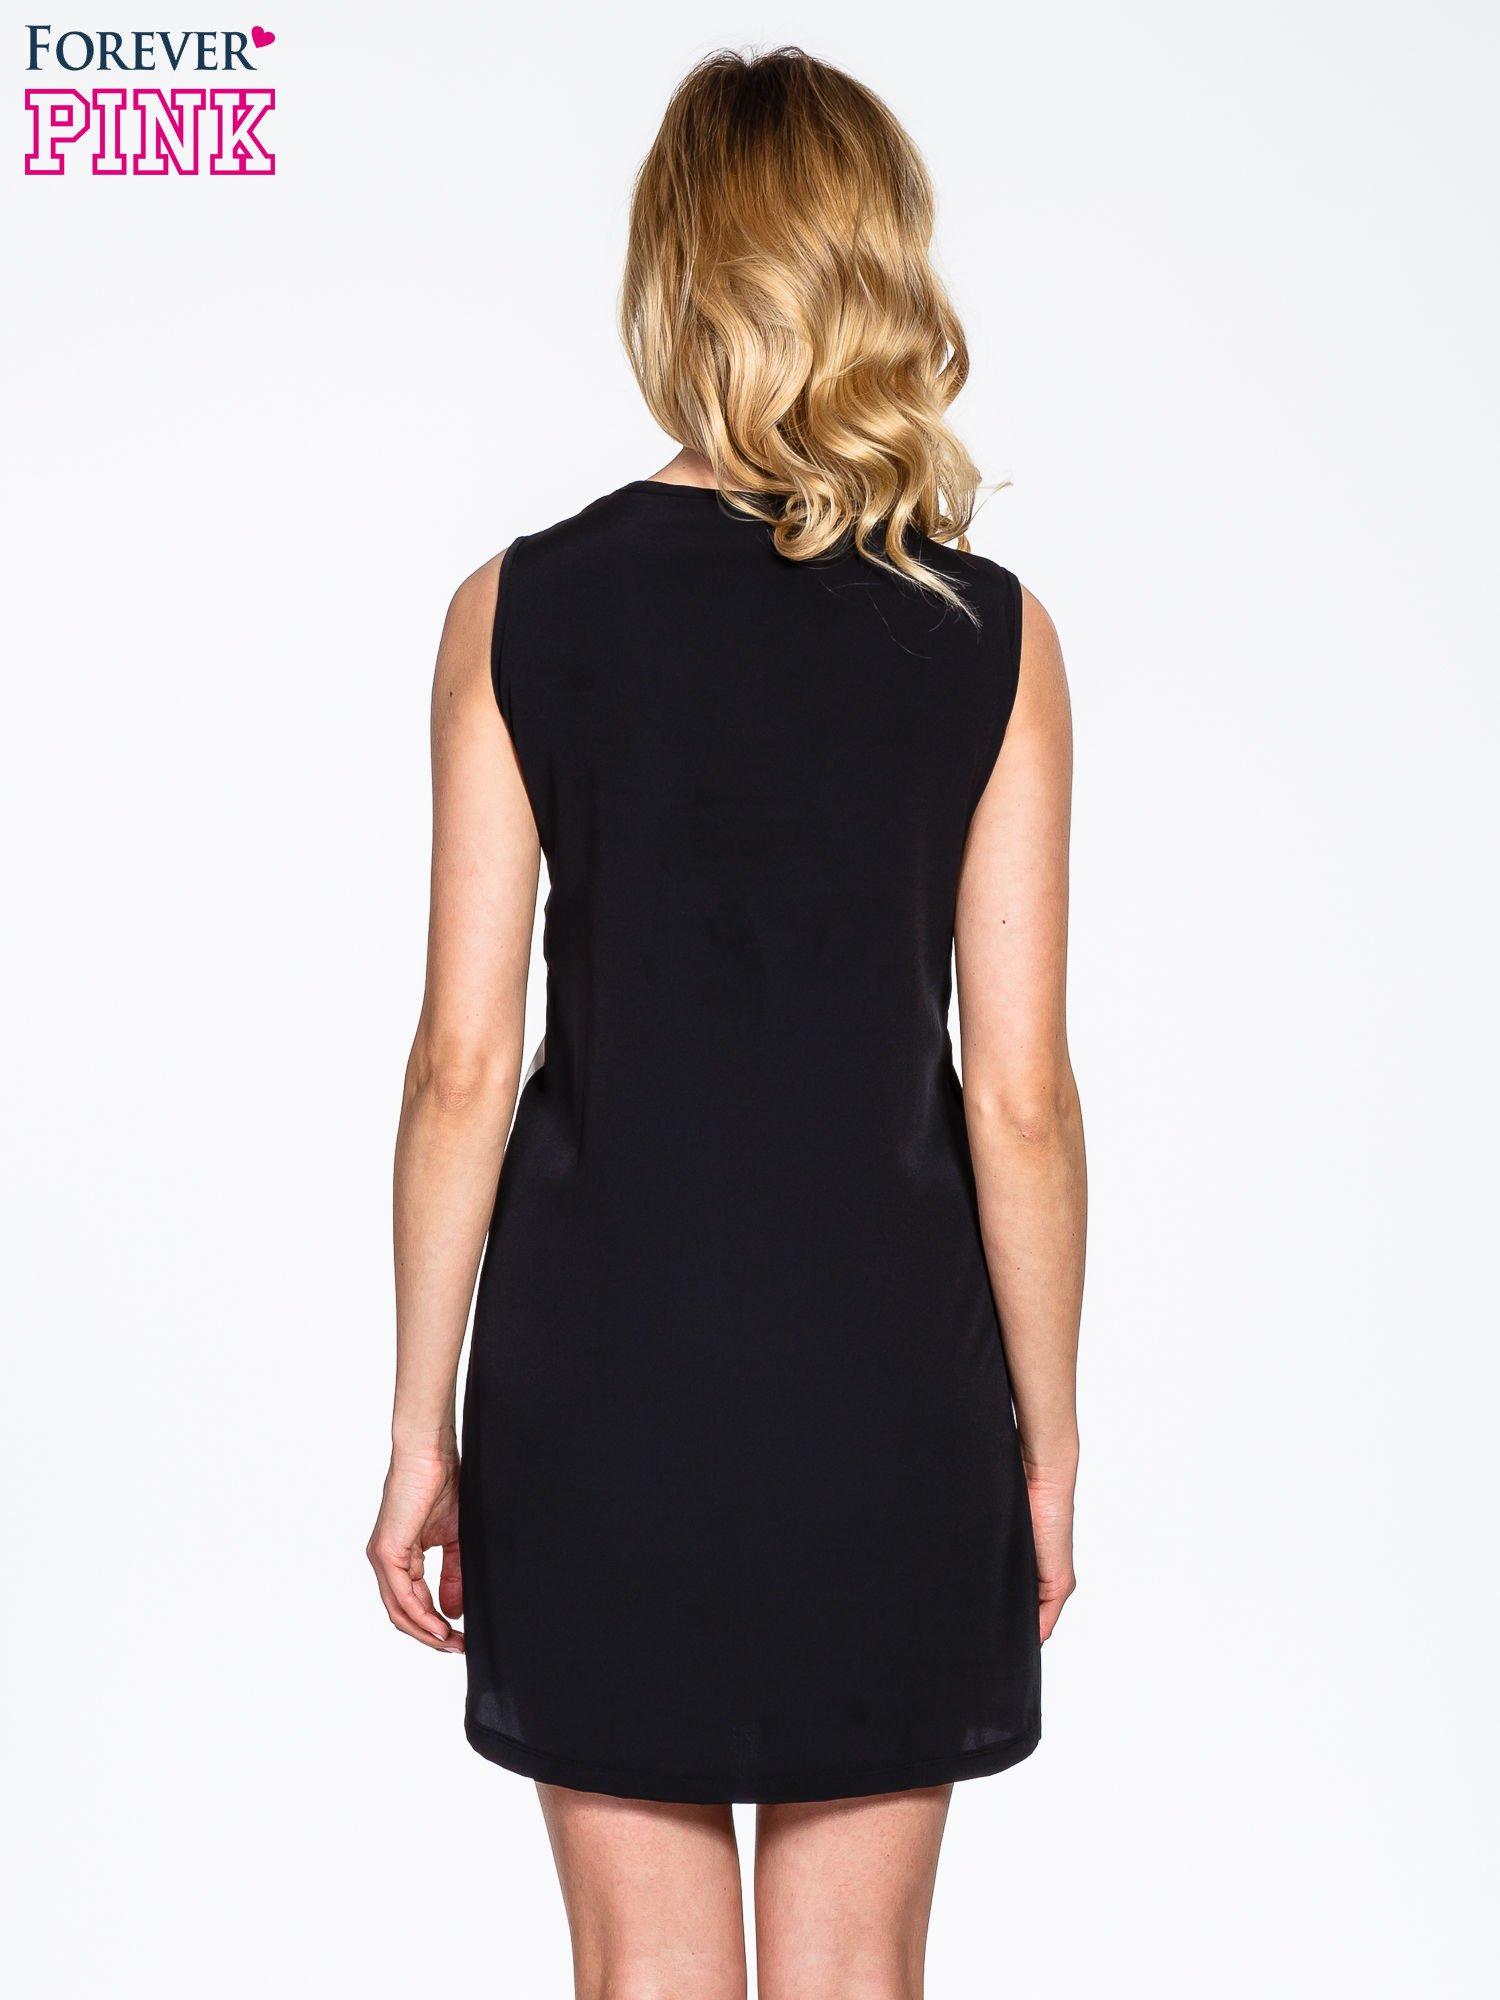 Czarna sukienka z dużym nadrukiem kwiatowym                                  zdj.                                  4